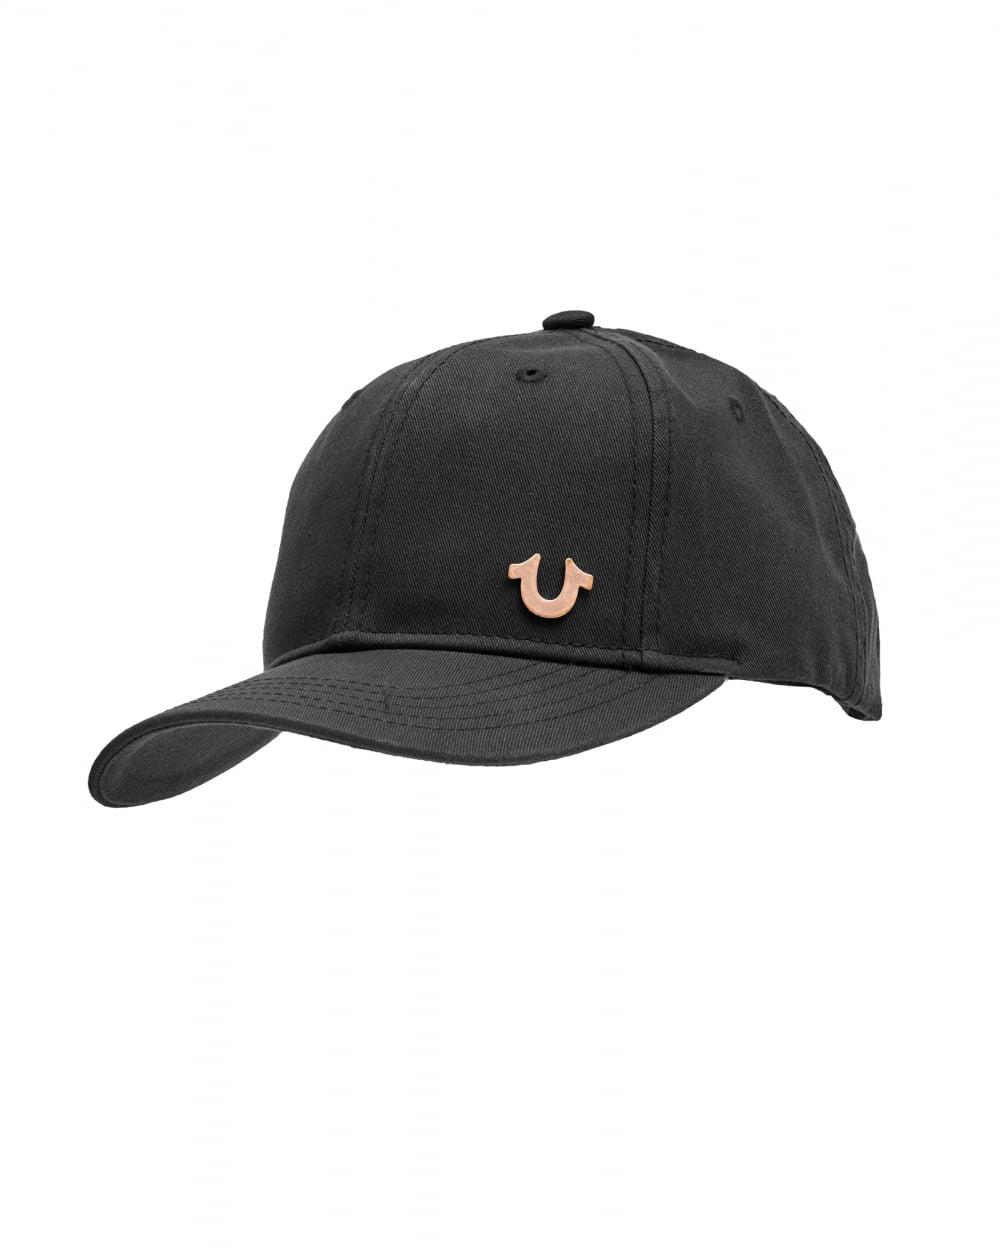 True Religion Mens Horseshoe Logo Cap 53e9f72981c9